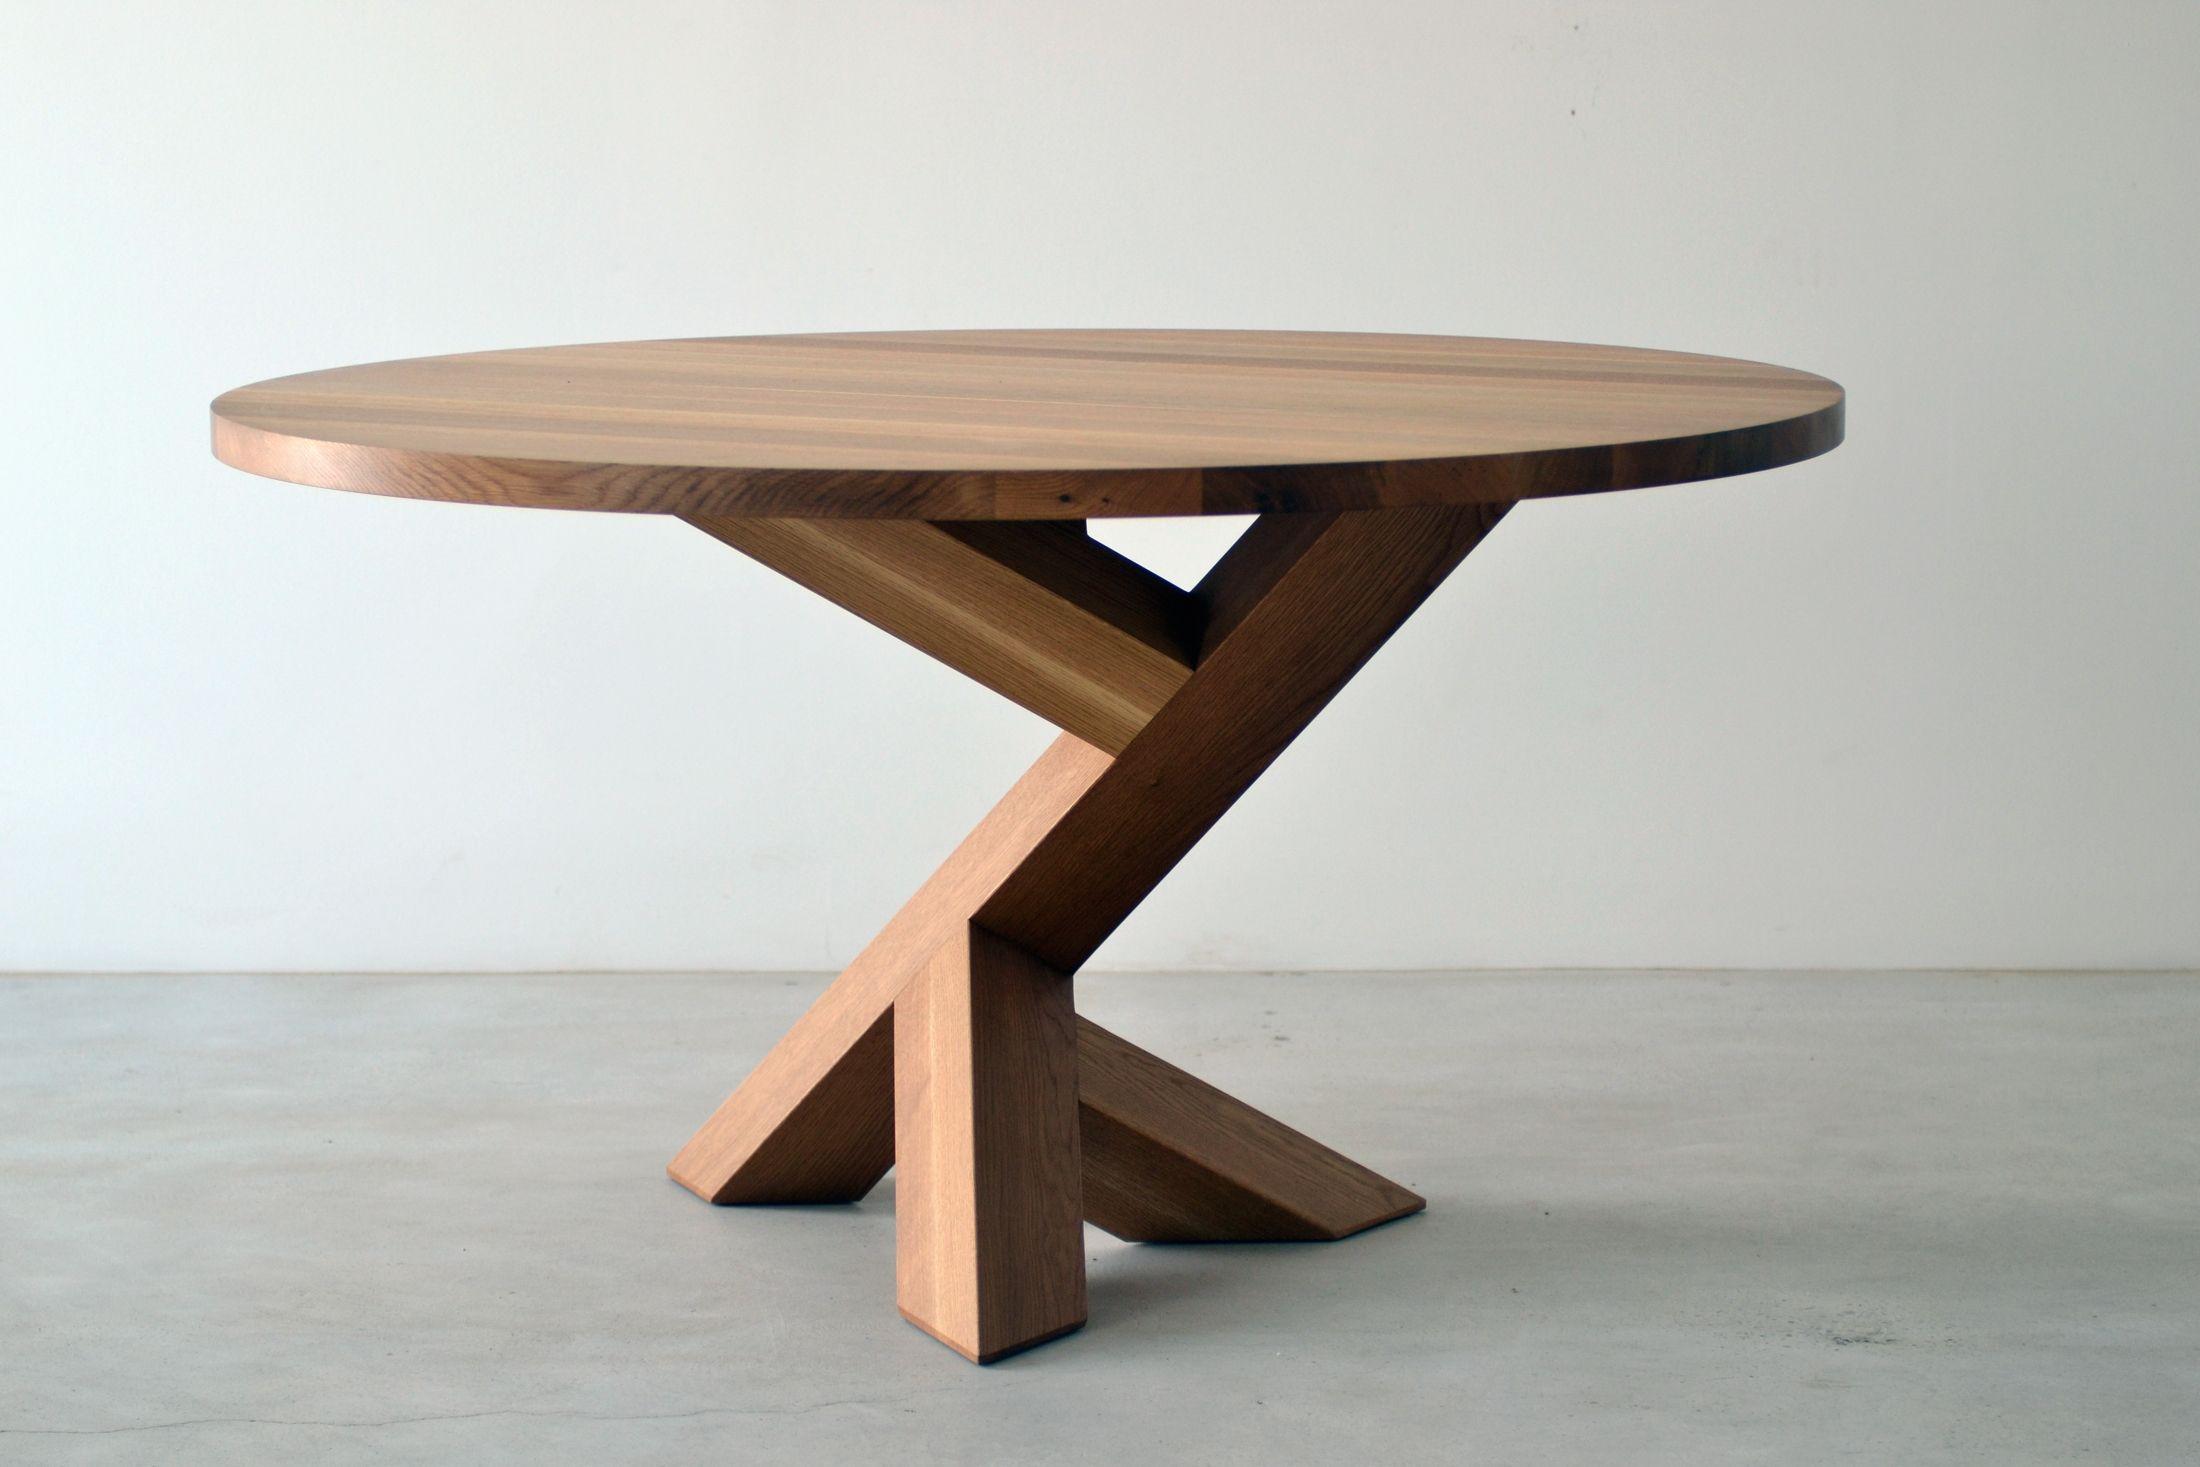 Iconoclast Single Leg Dining Table Wood Table Design Wood Table Legs Diy Table Legs [ 1467 x 2200 Pixel ]